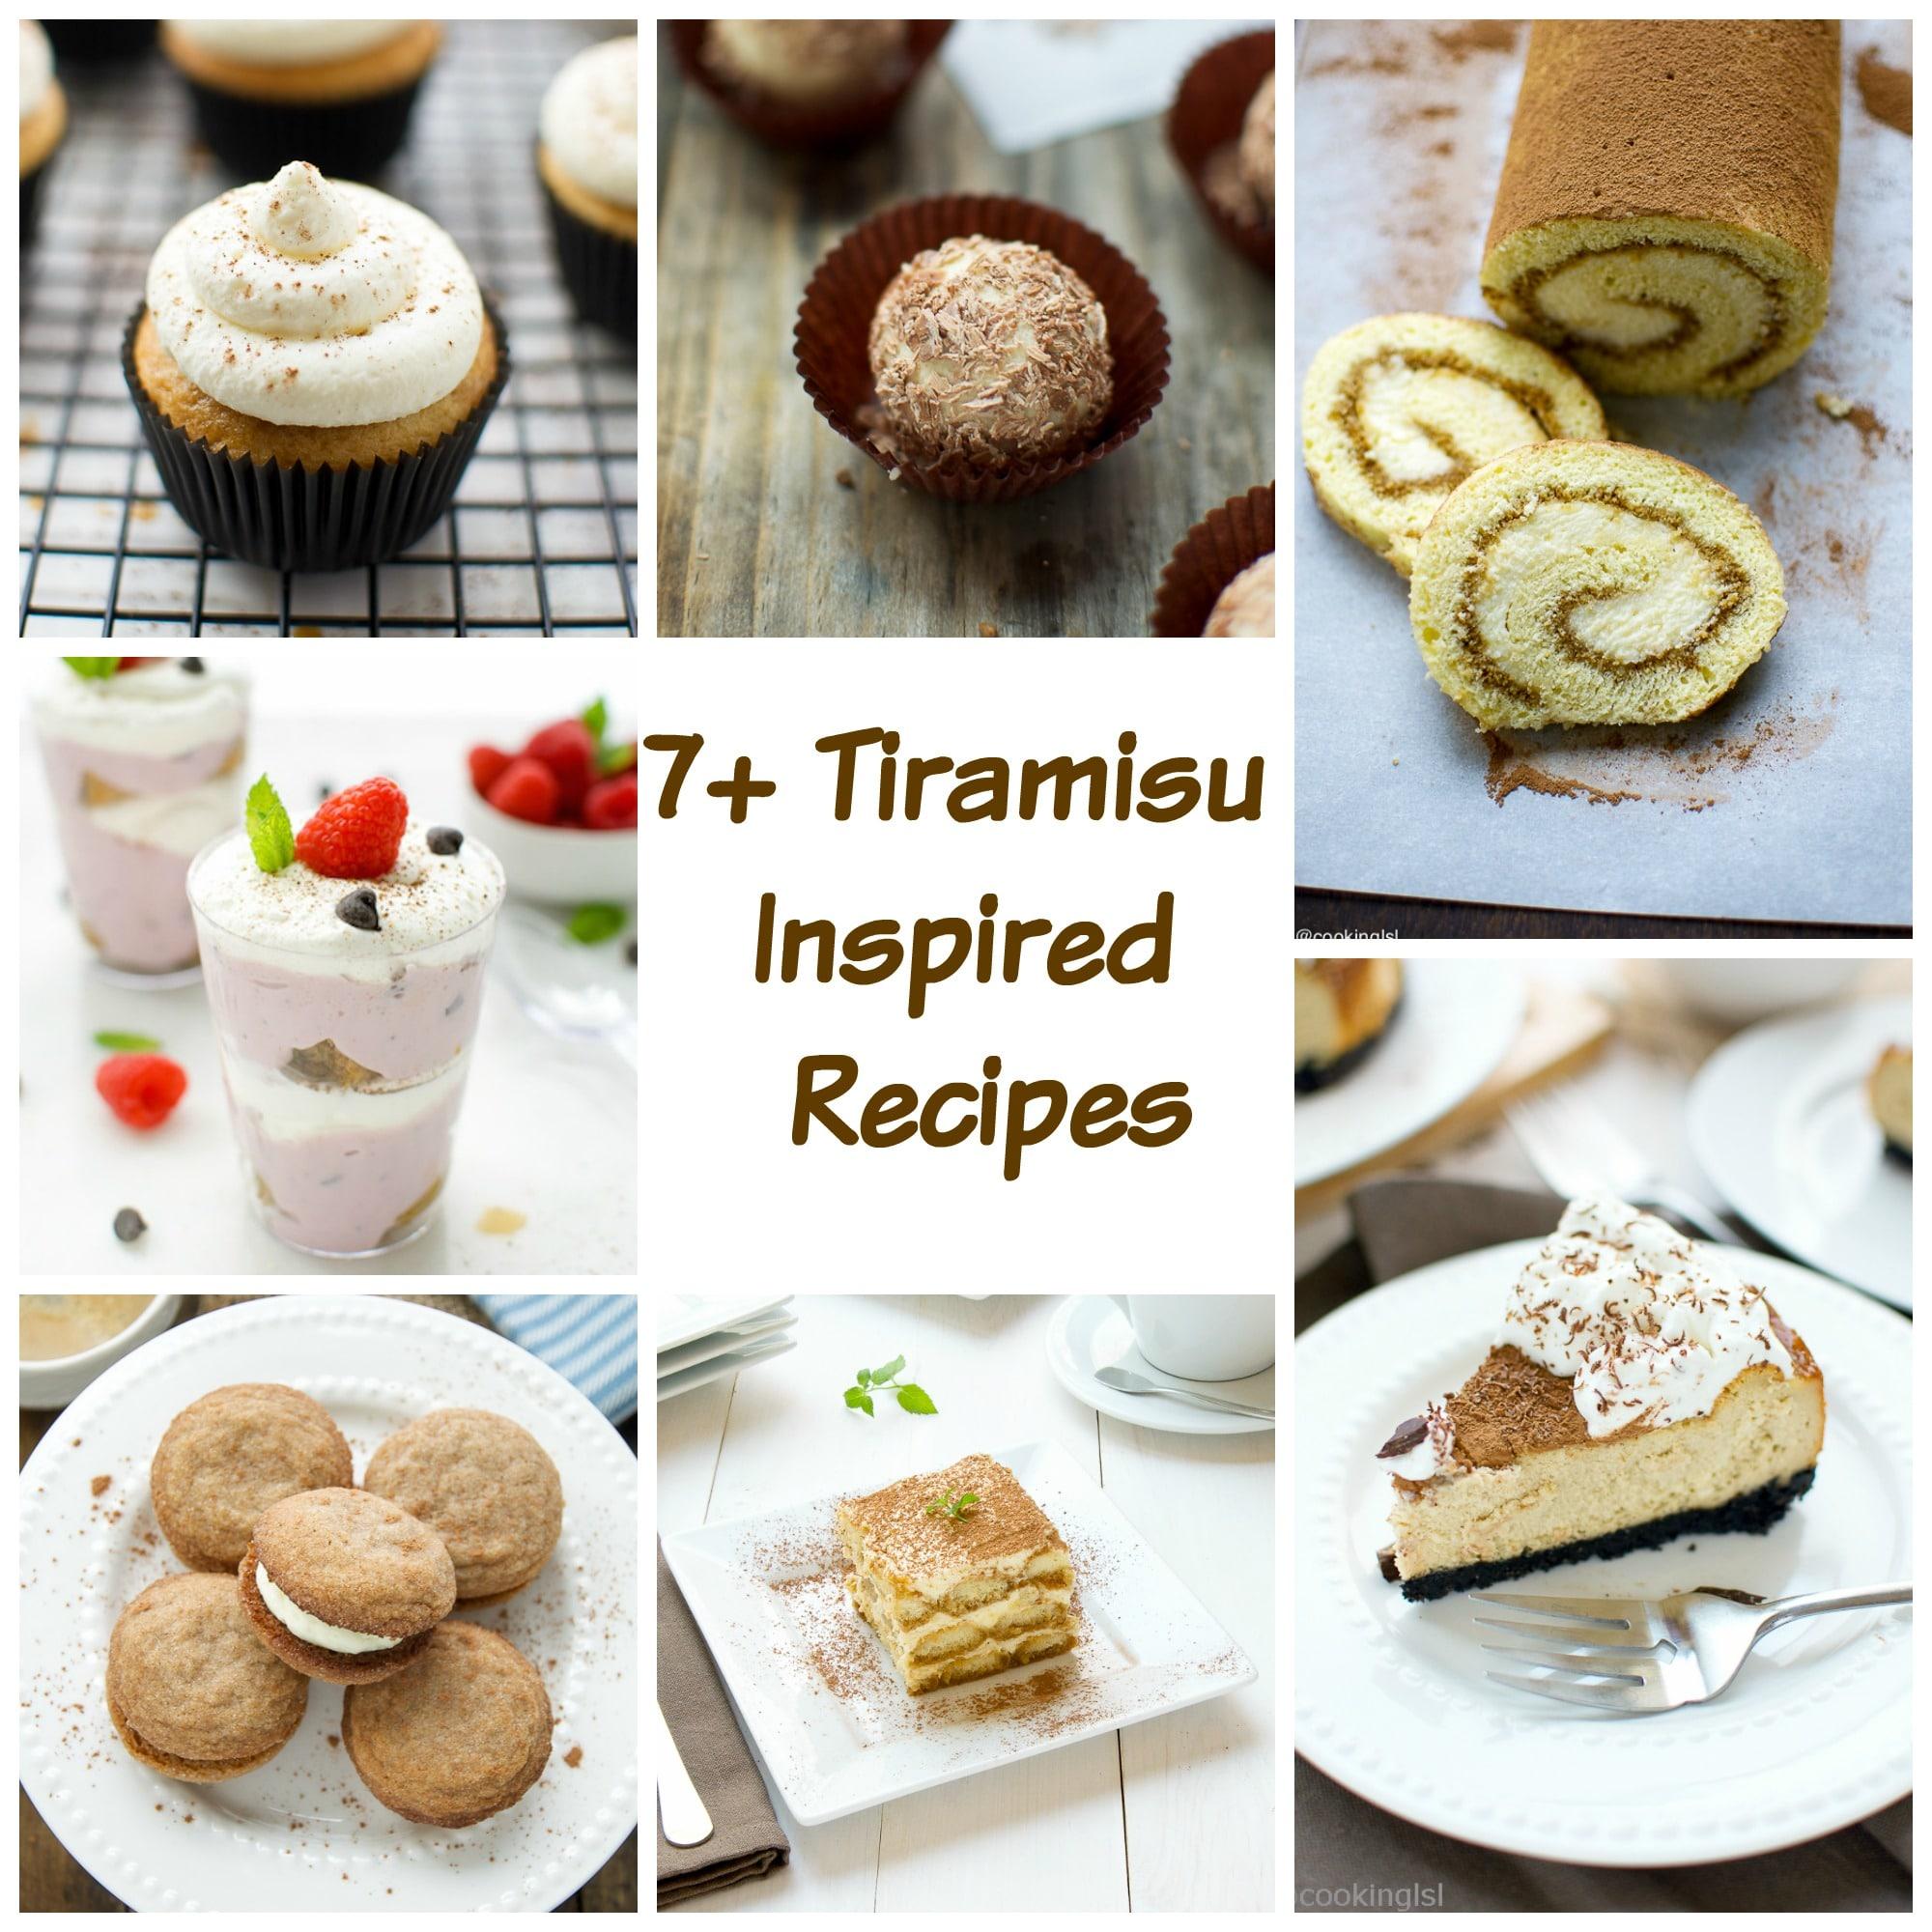 Tiramisu-Inspired-Recipes-Roundup